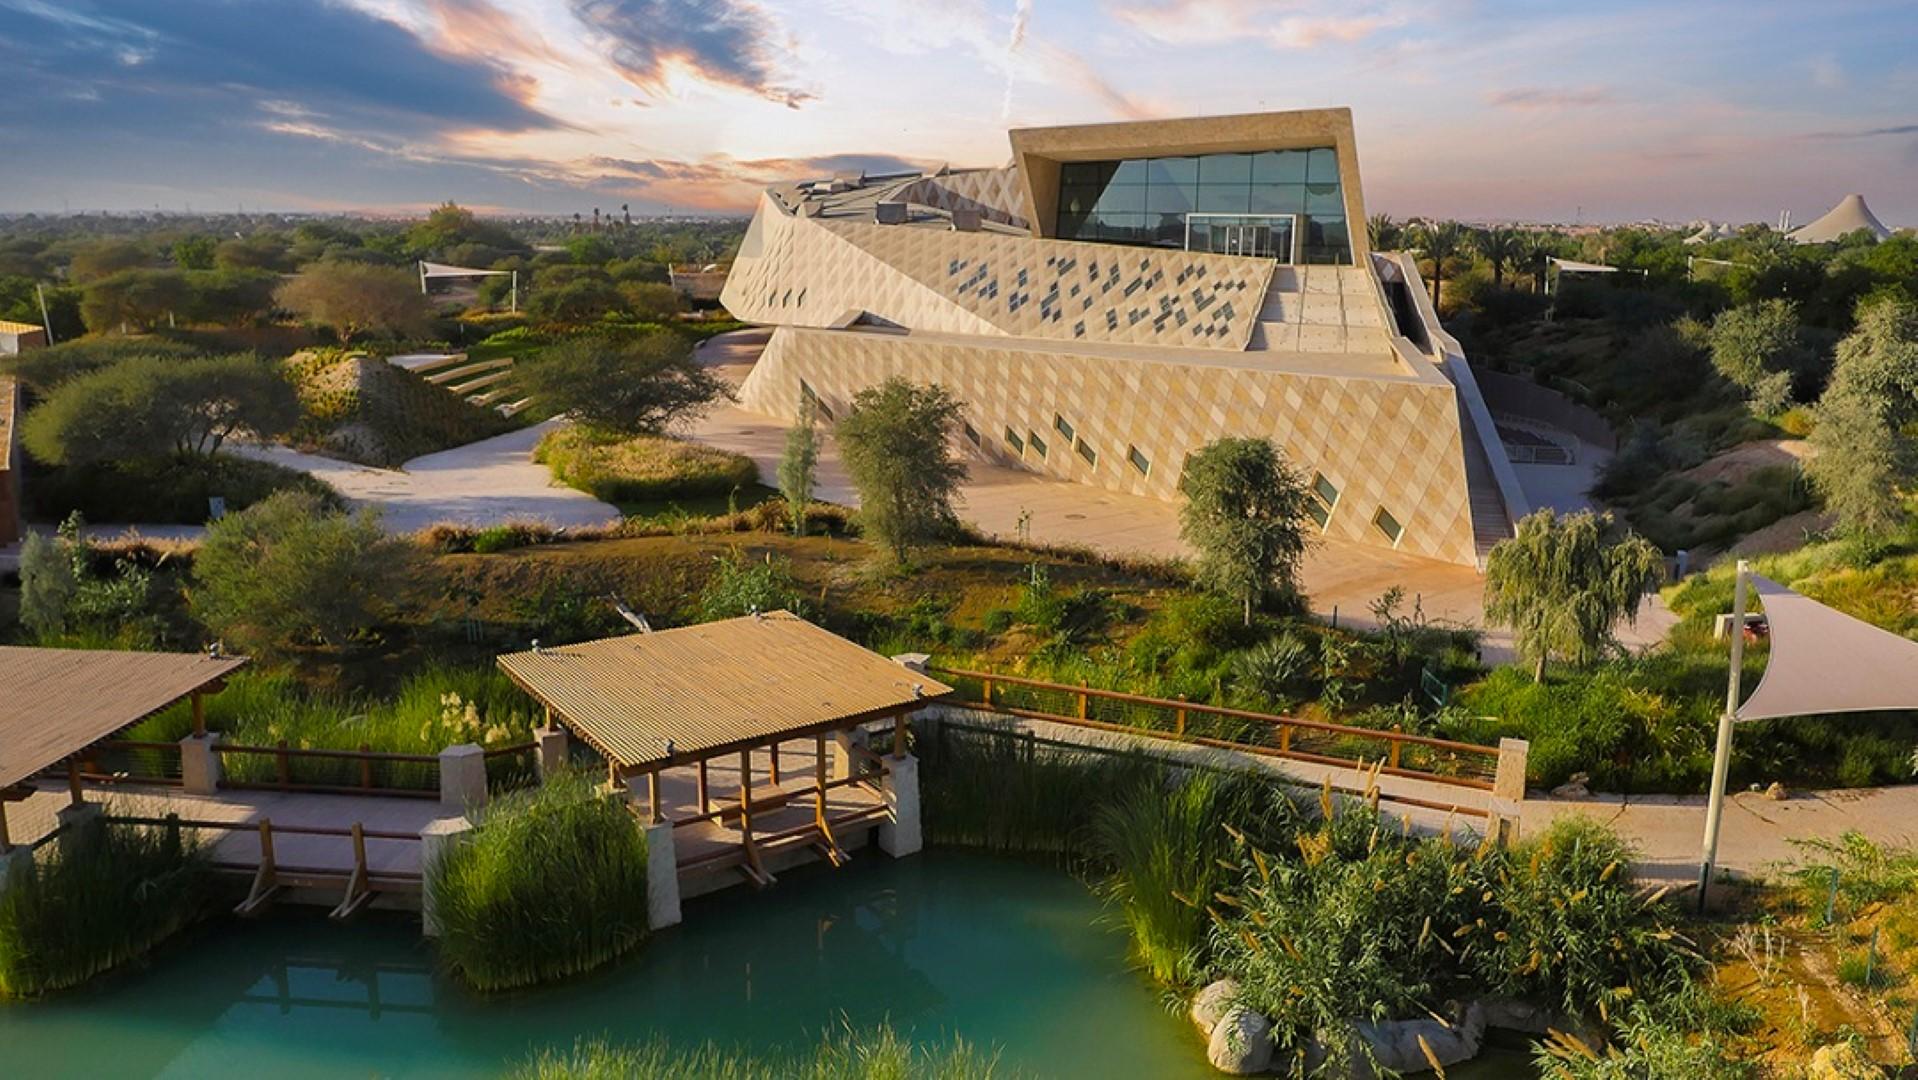 حديقة الحيوانات بالعين تثري السياحة البيئية بممارسات مستدامة